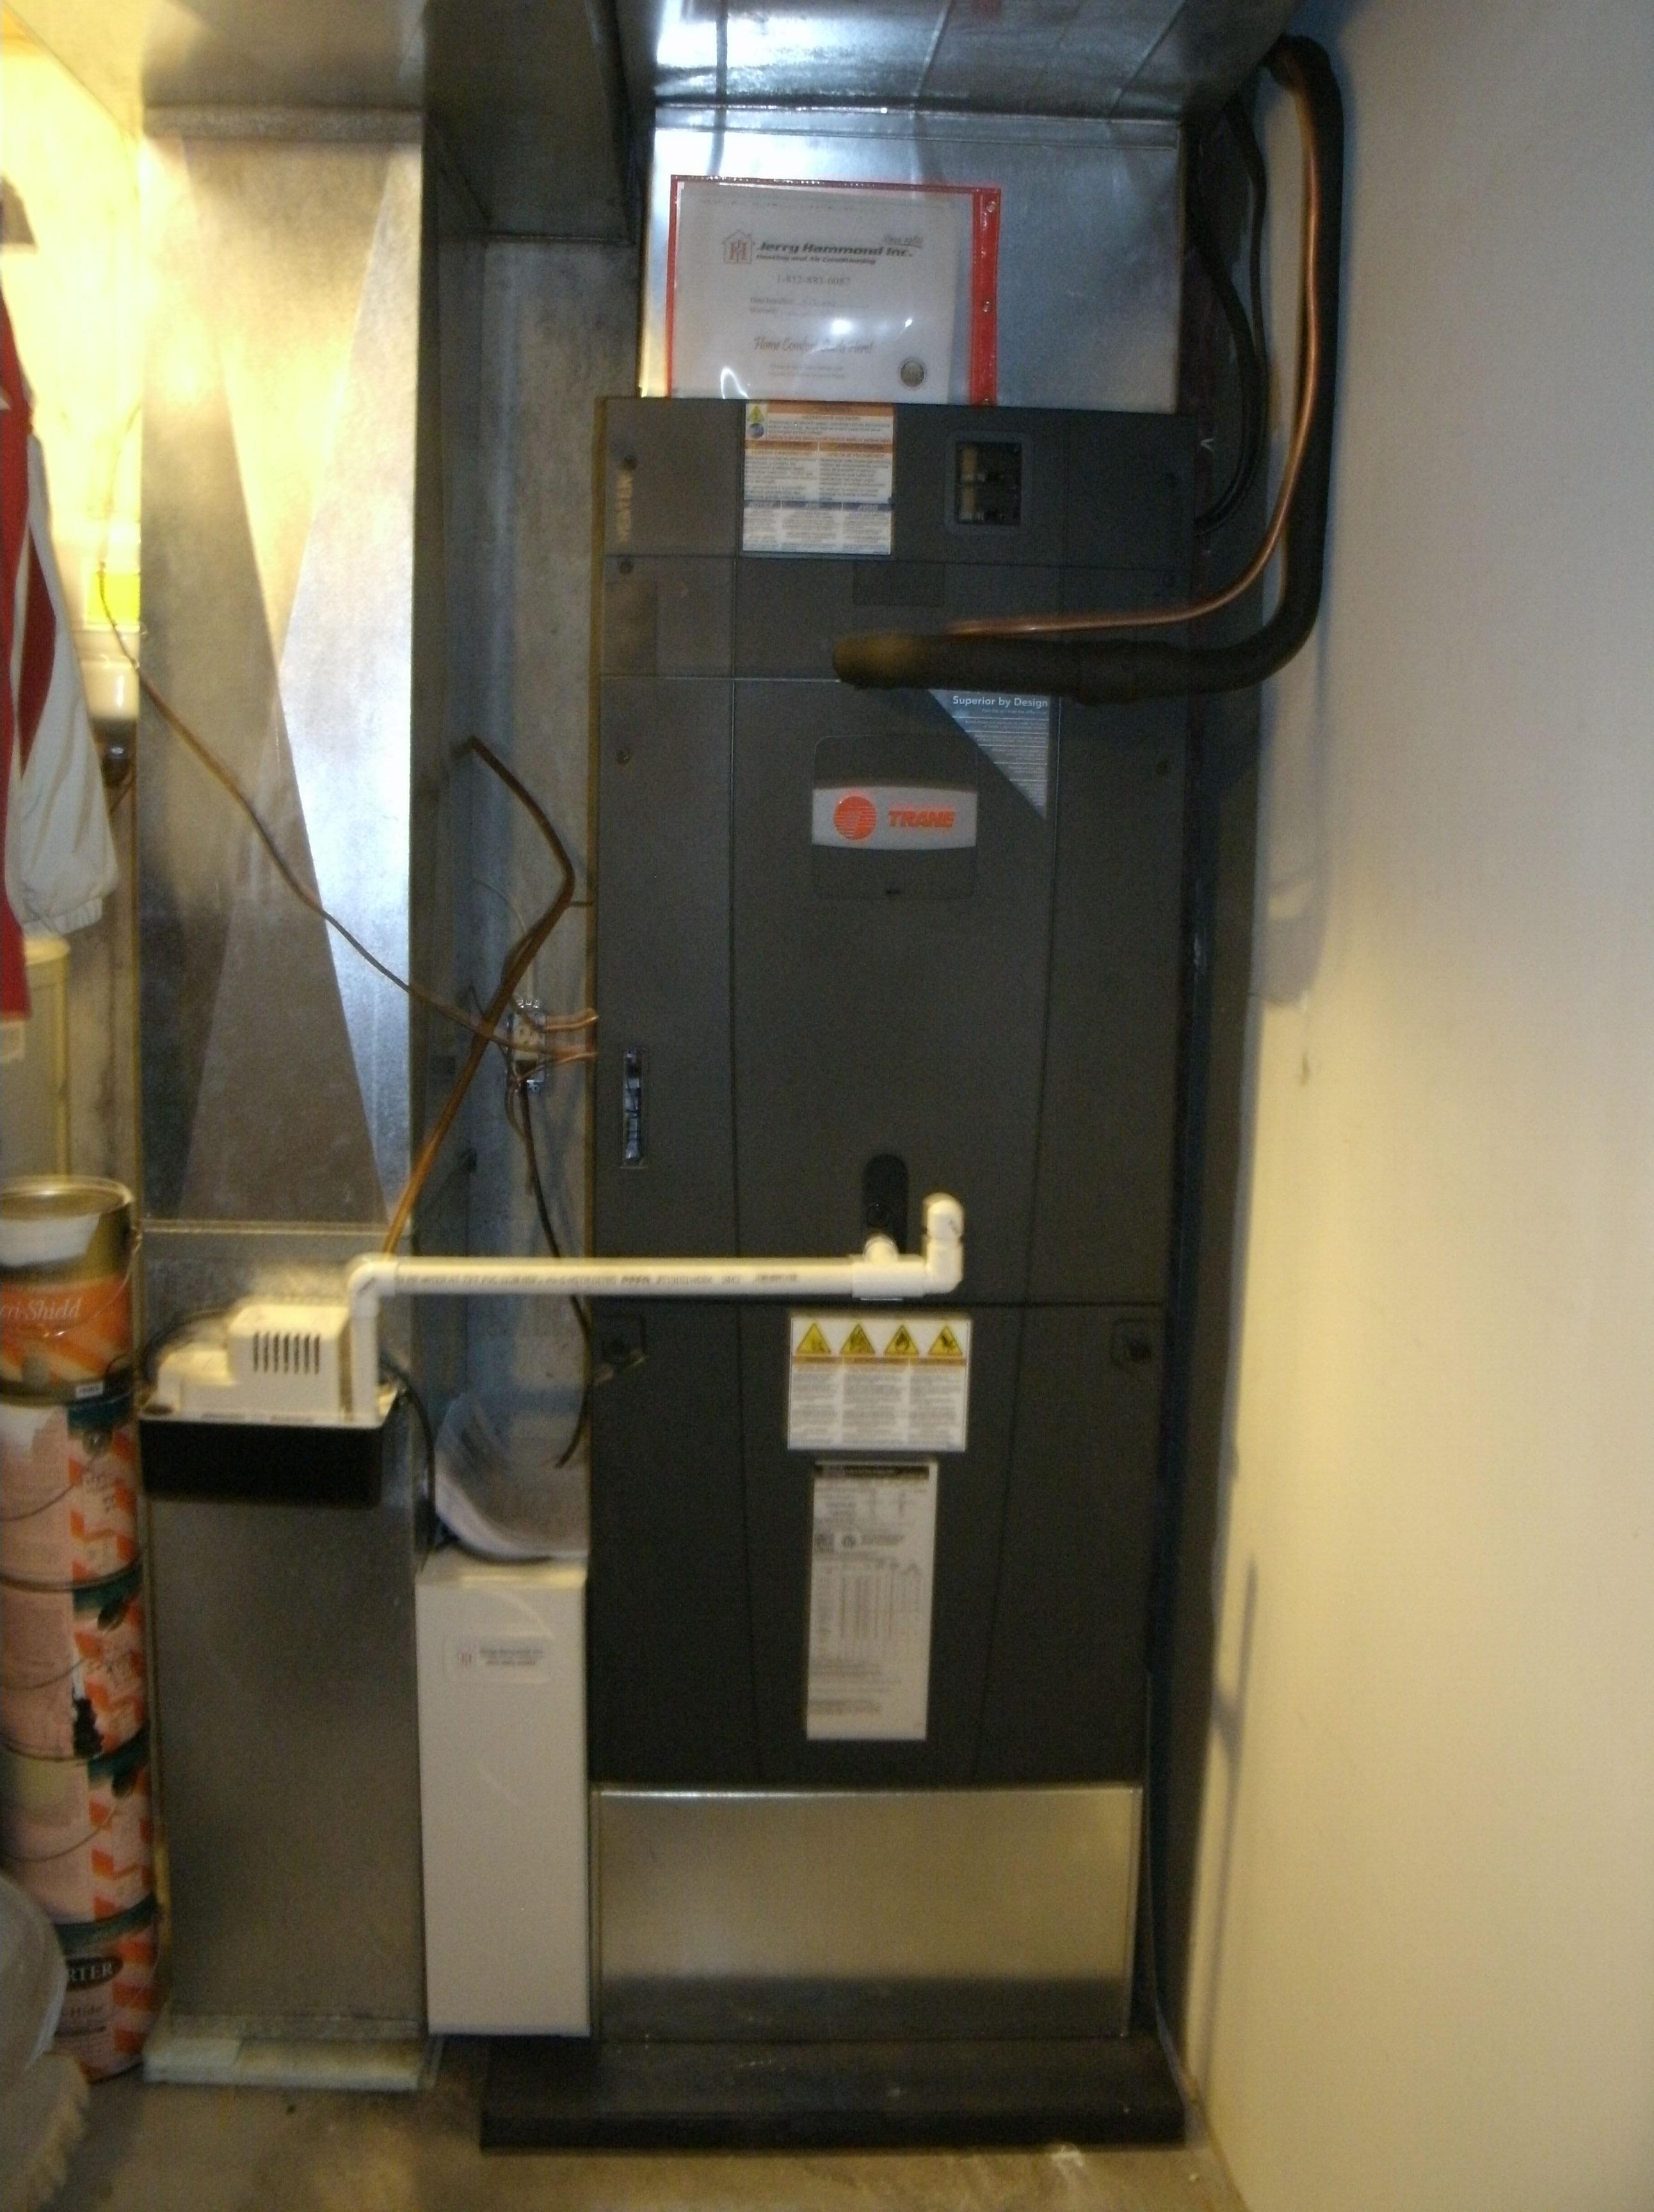 Trane Varible Speed Electric Furnace